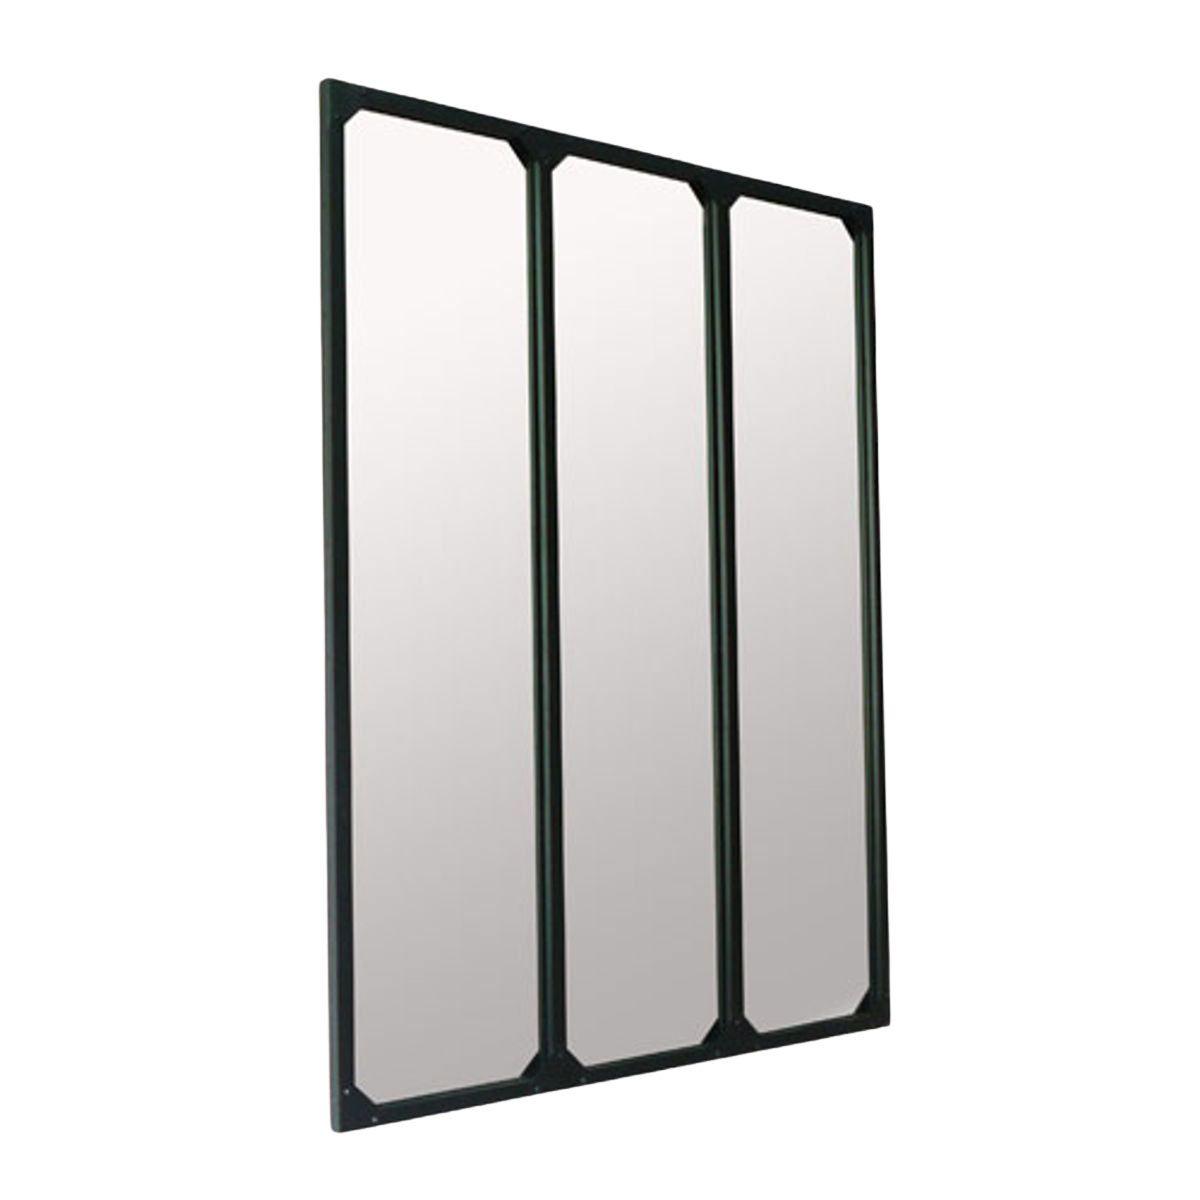 Miroir atelier xl en métal noir 95x120